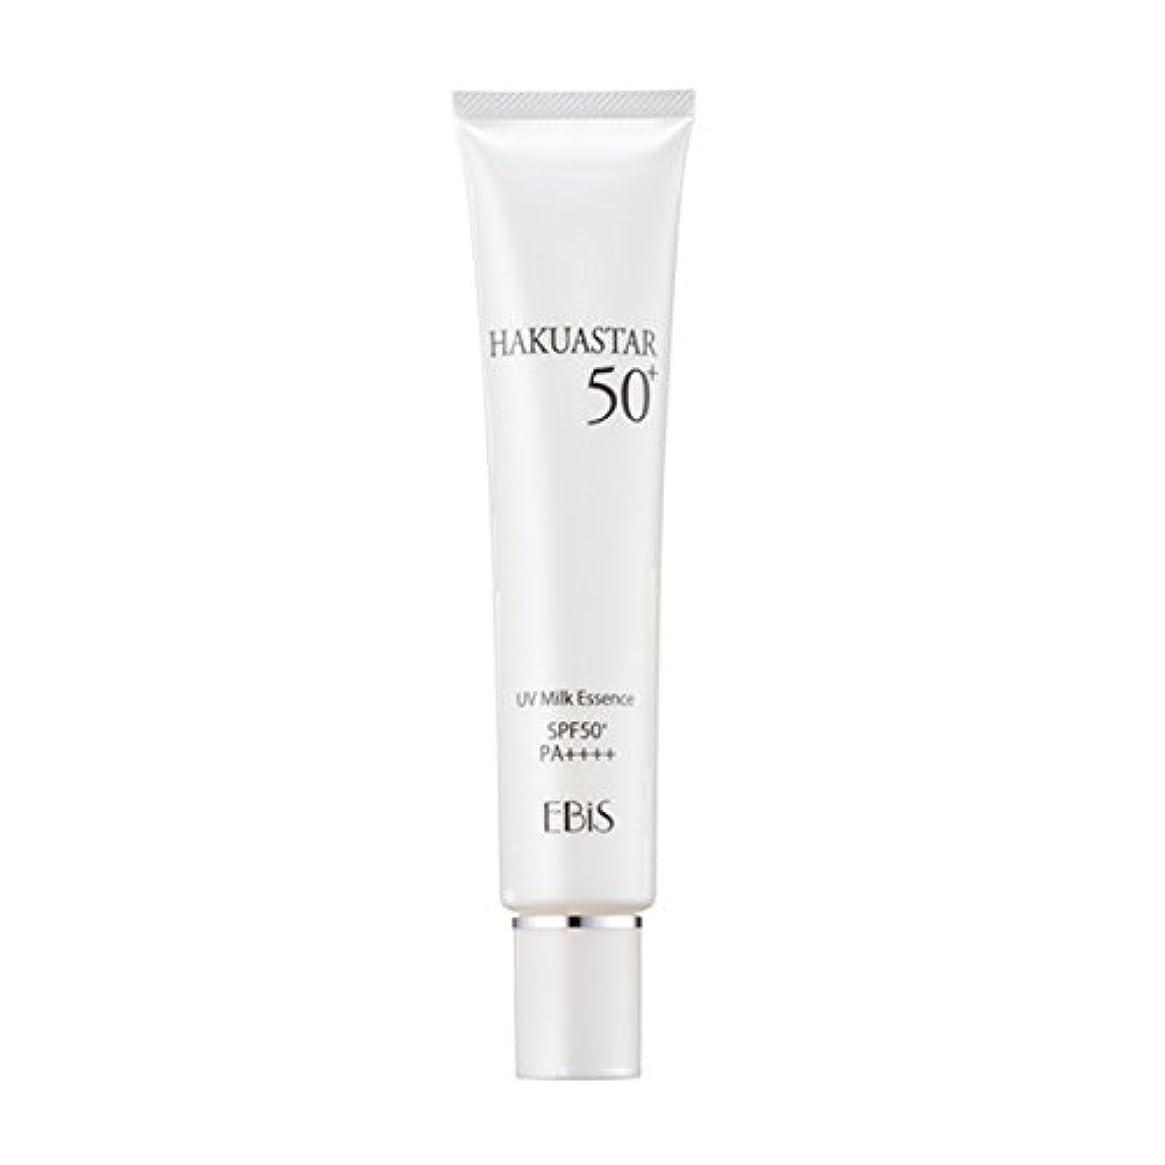 宗教的な混乱させる優しさエビス化粧品(EBiS) ハクアスター 40g SPF50PA+++ UVクリーム(日焼け止め)日本製 紫外線対策 化粧下地としても使える